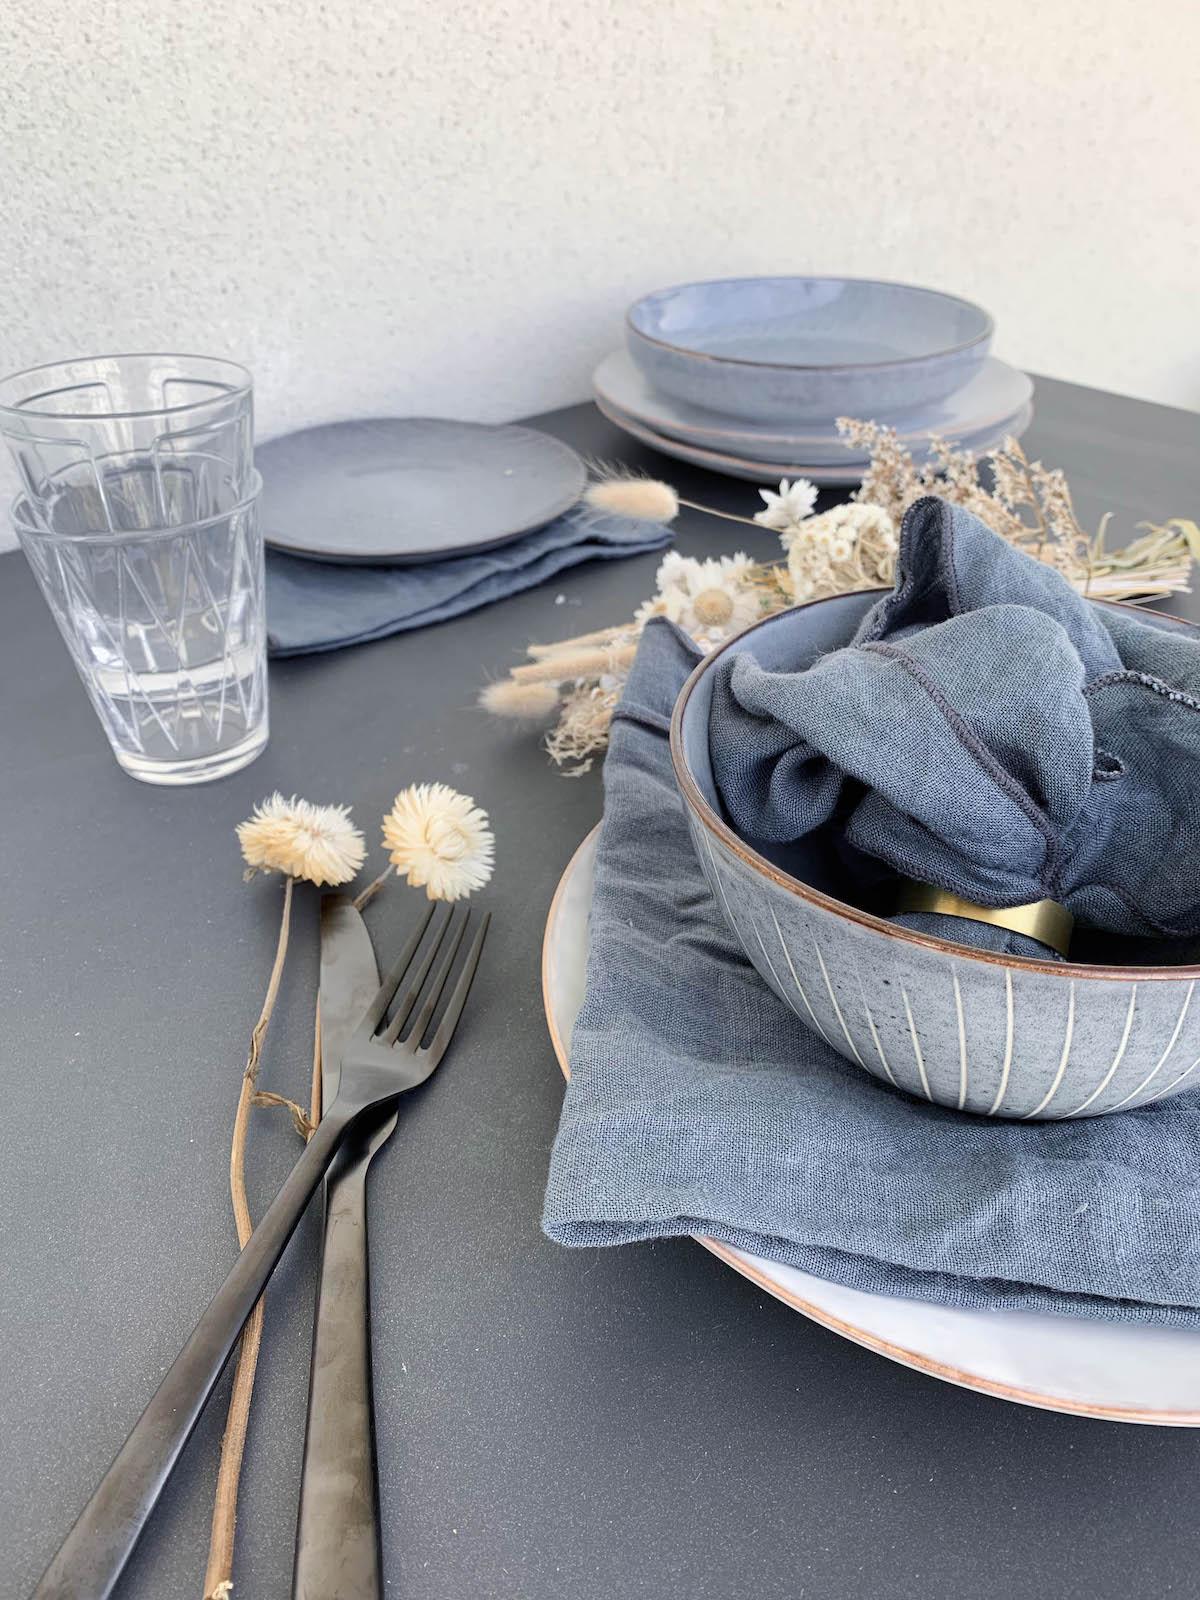 vaisselle scandi bleu tacheté serviette lin bol bleu blanc